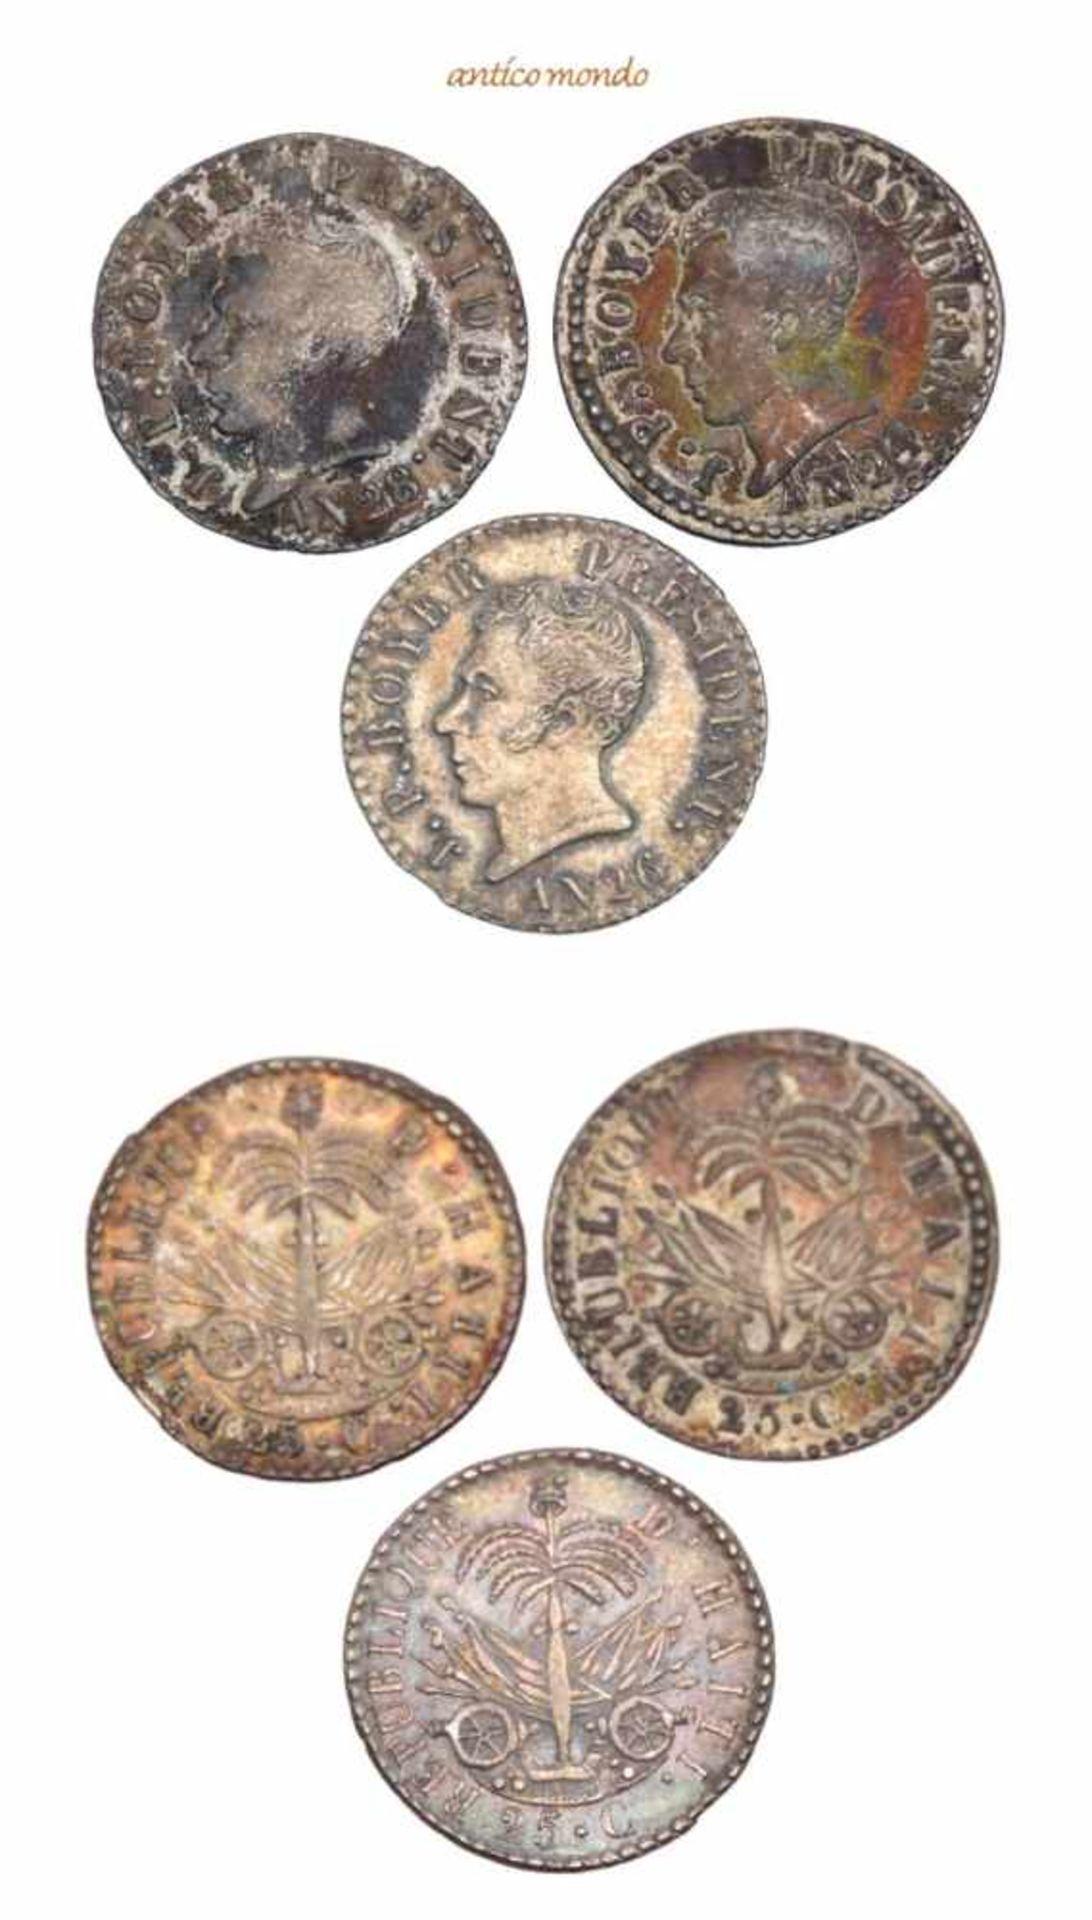 Haiti, Republik, 25 Centimes, 1827, 1829, 1831, Patina, fast vorzüglich-vorzüglich, 3 Stück- - -21.